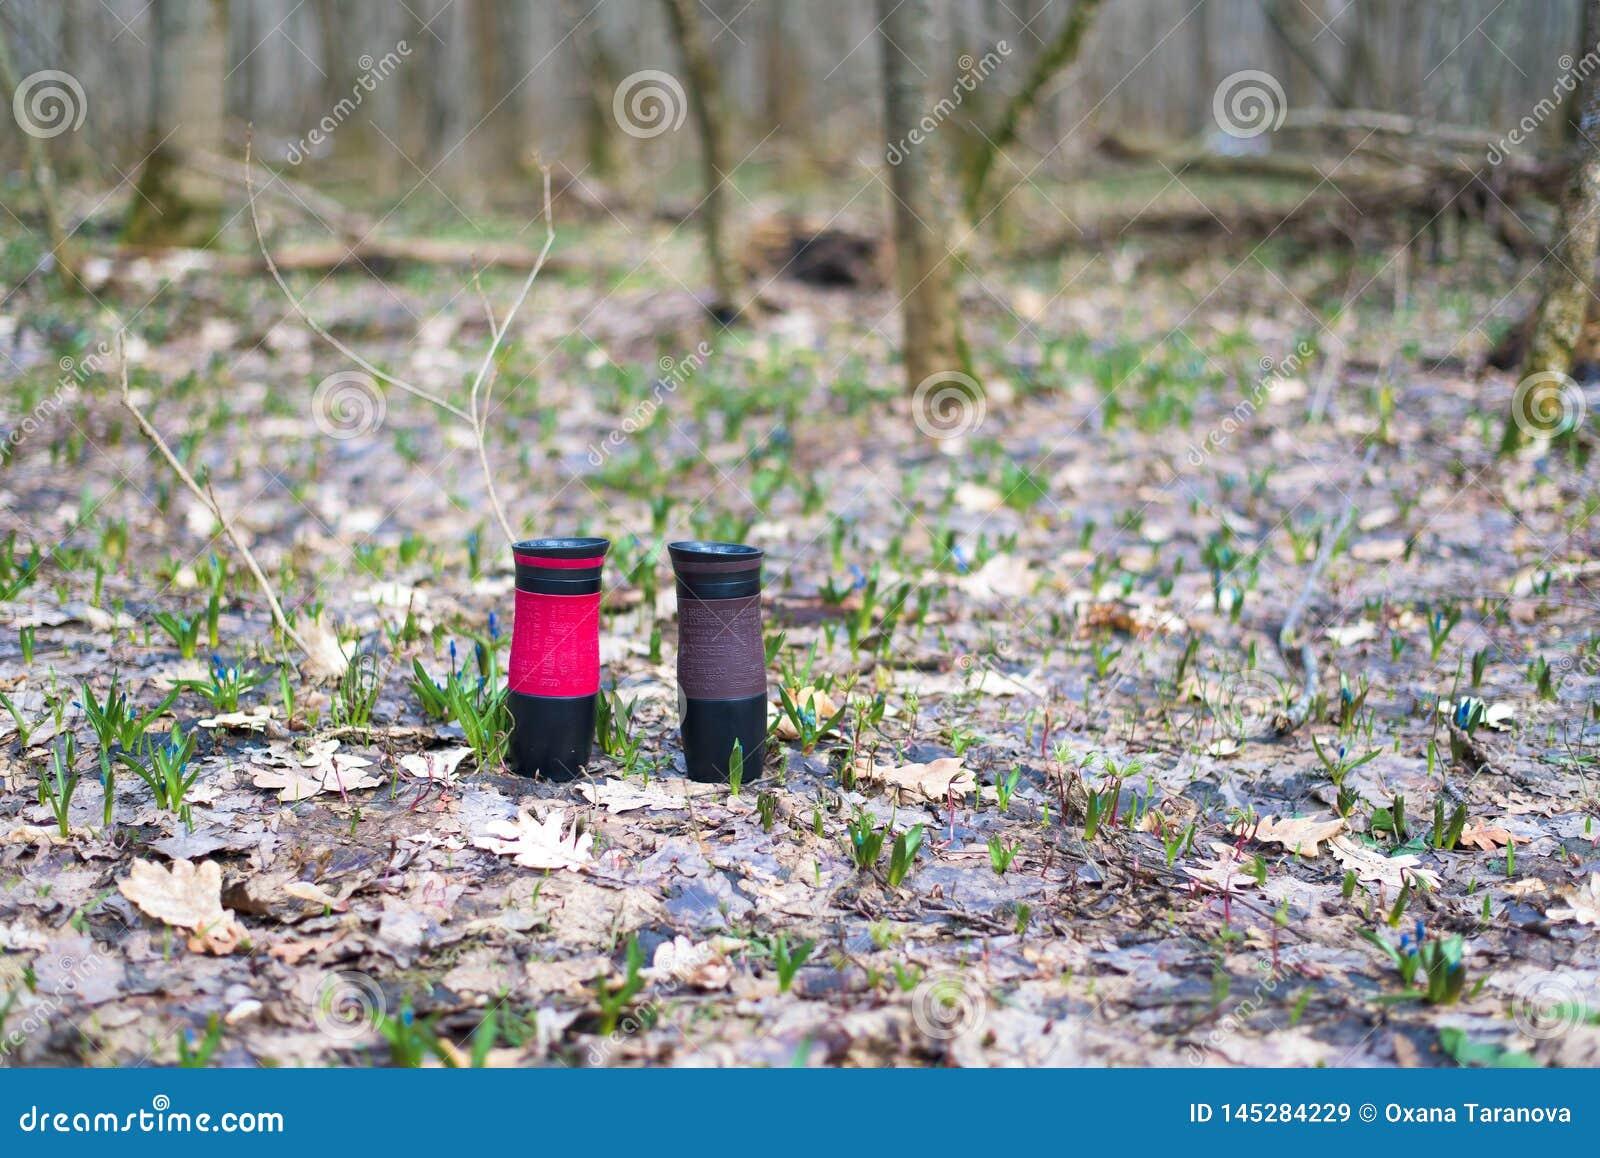 Tasses thermiques dans la forêt au sol la conservation de la chaleur du café ou du thé deux tasses de thermos